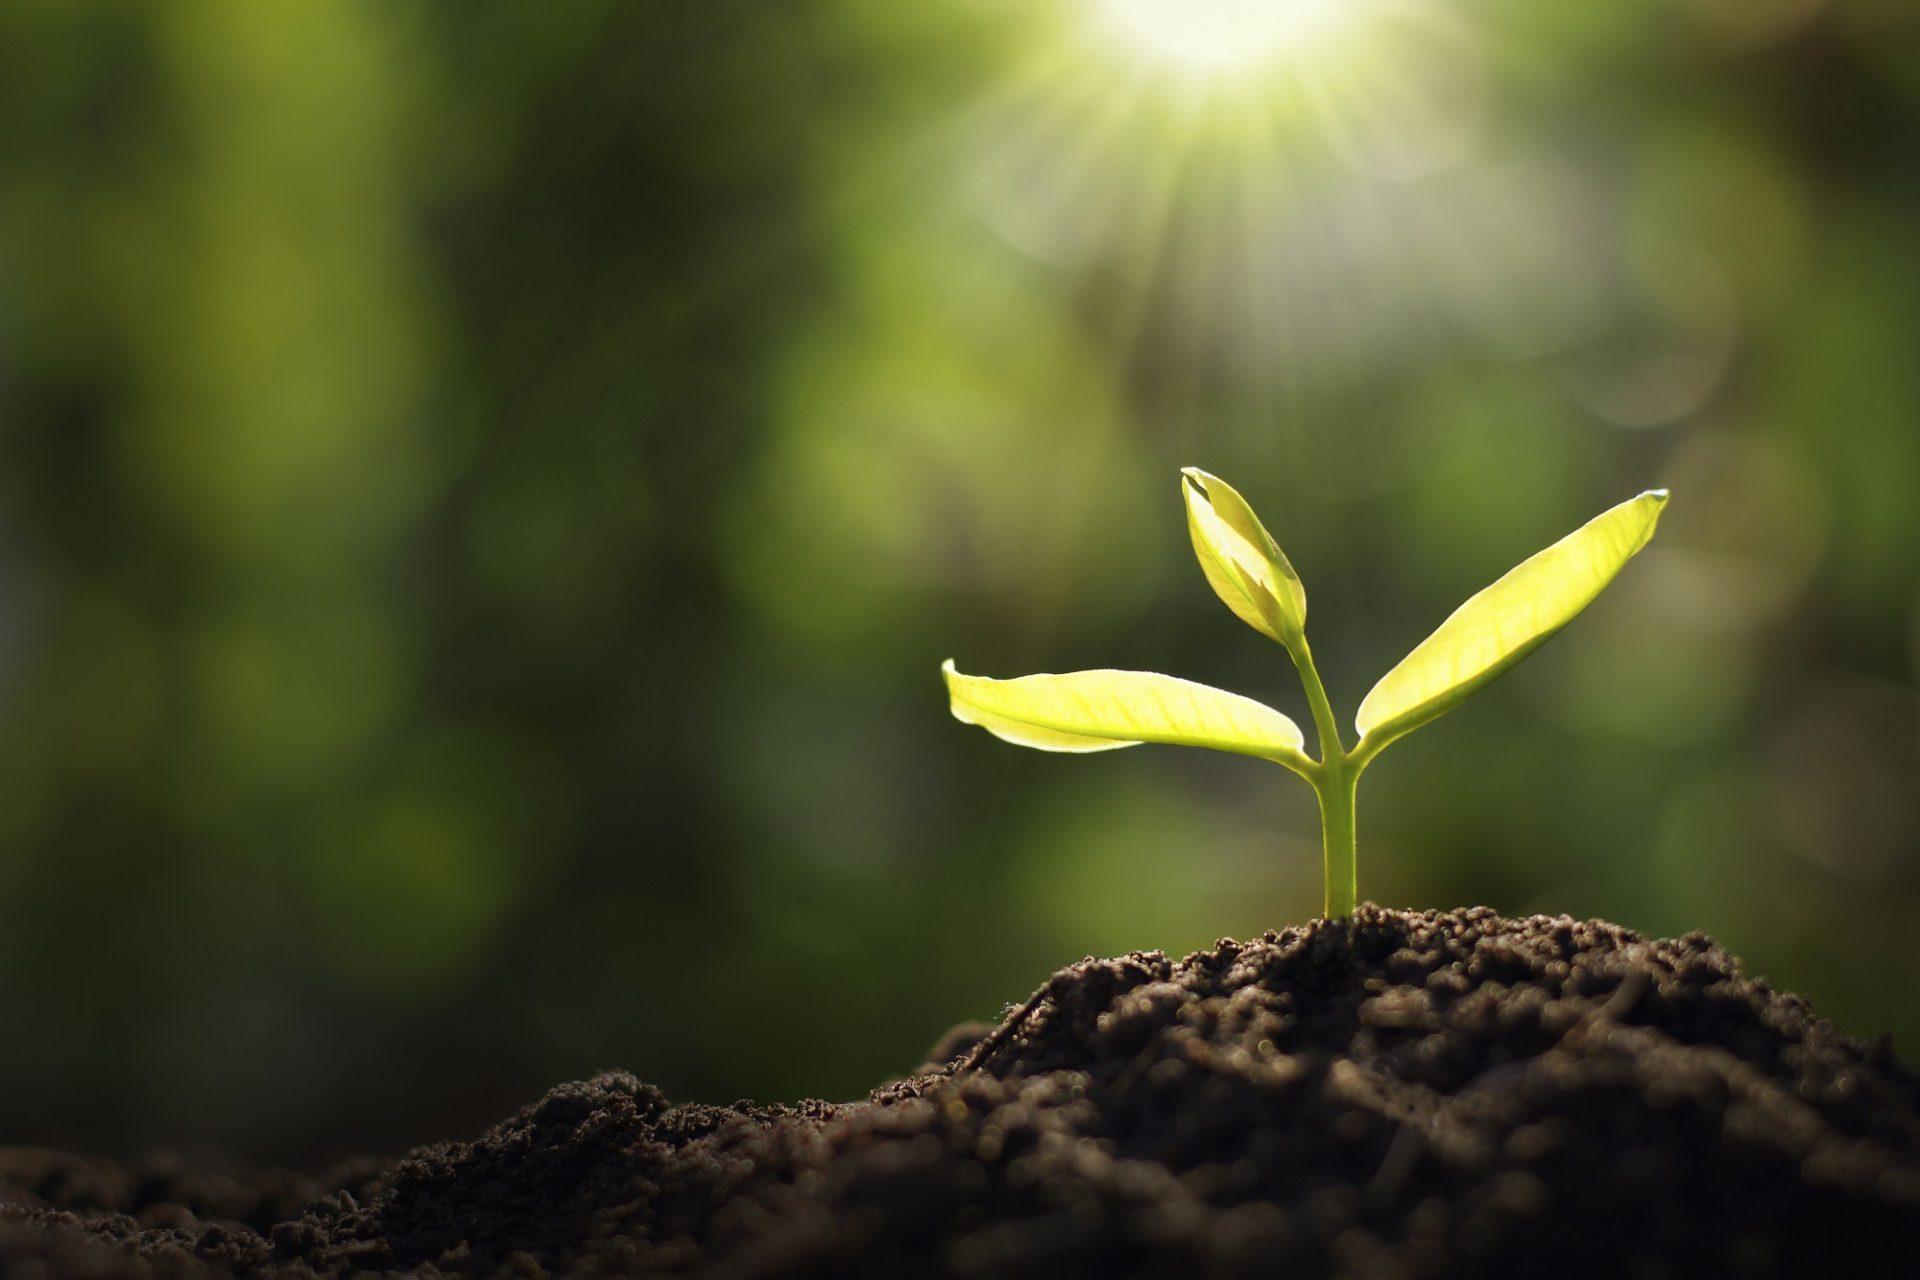 Hospodáriť ekologicky vyžaduje komplexný prístup